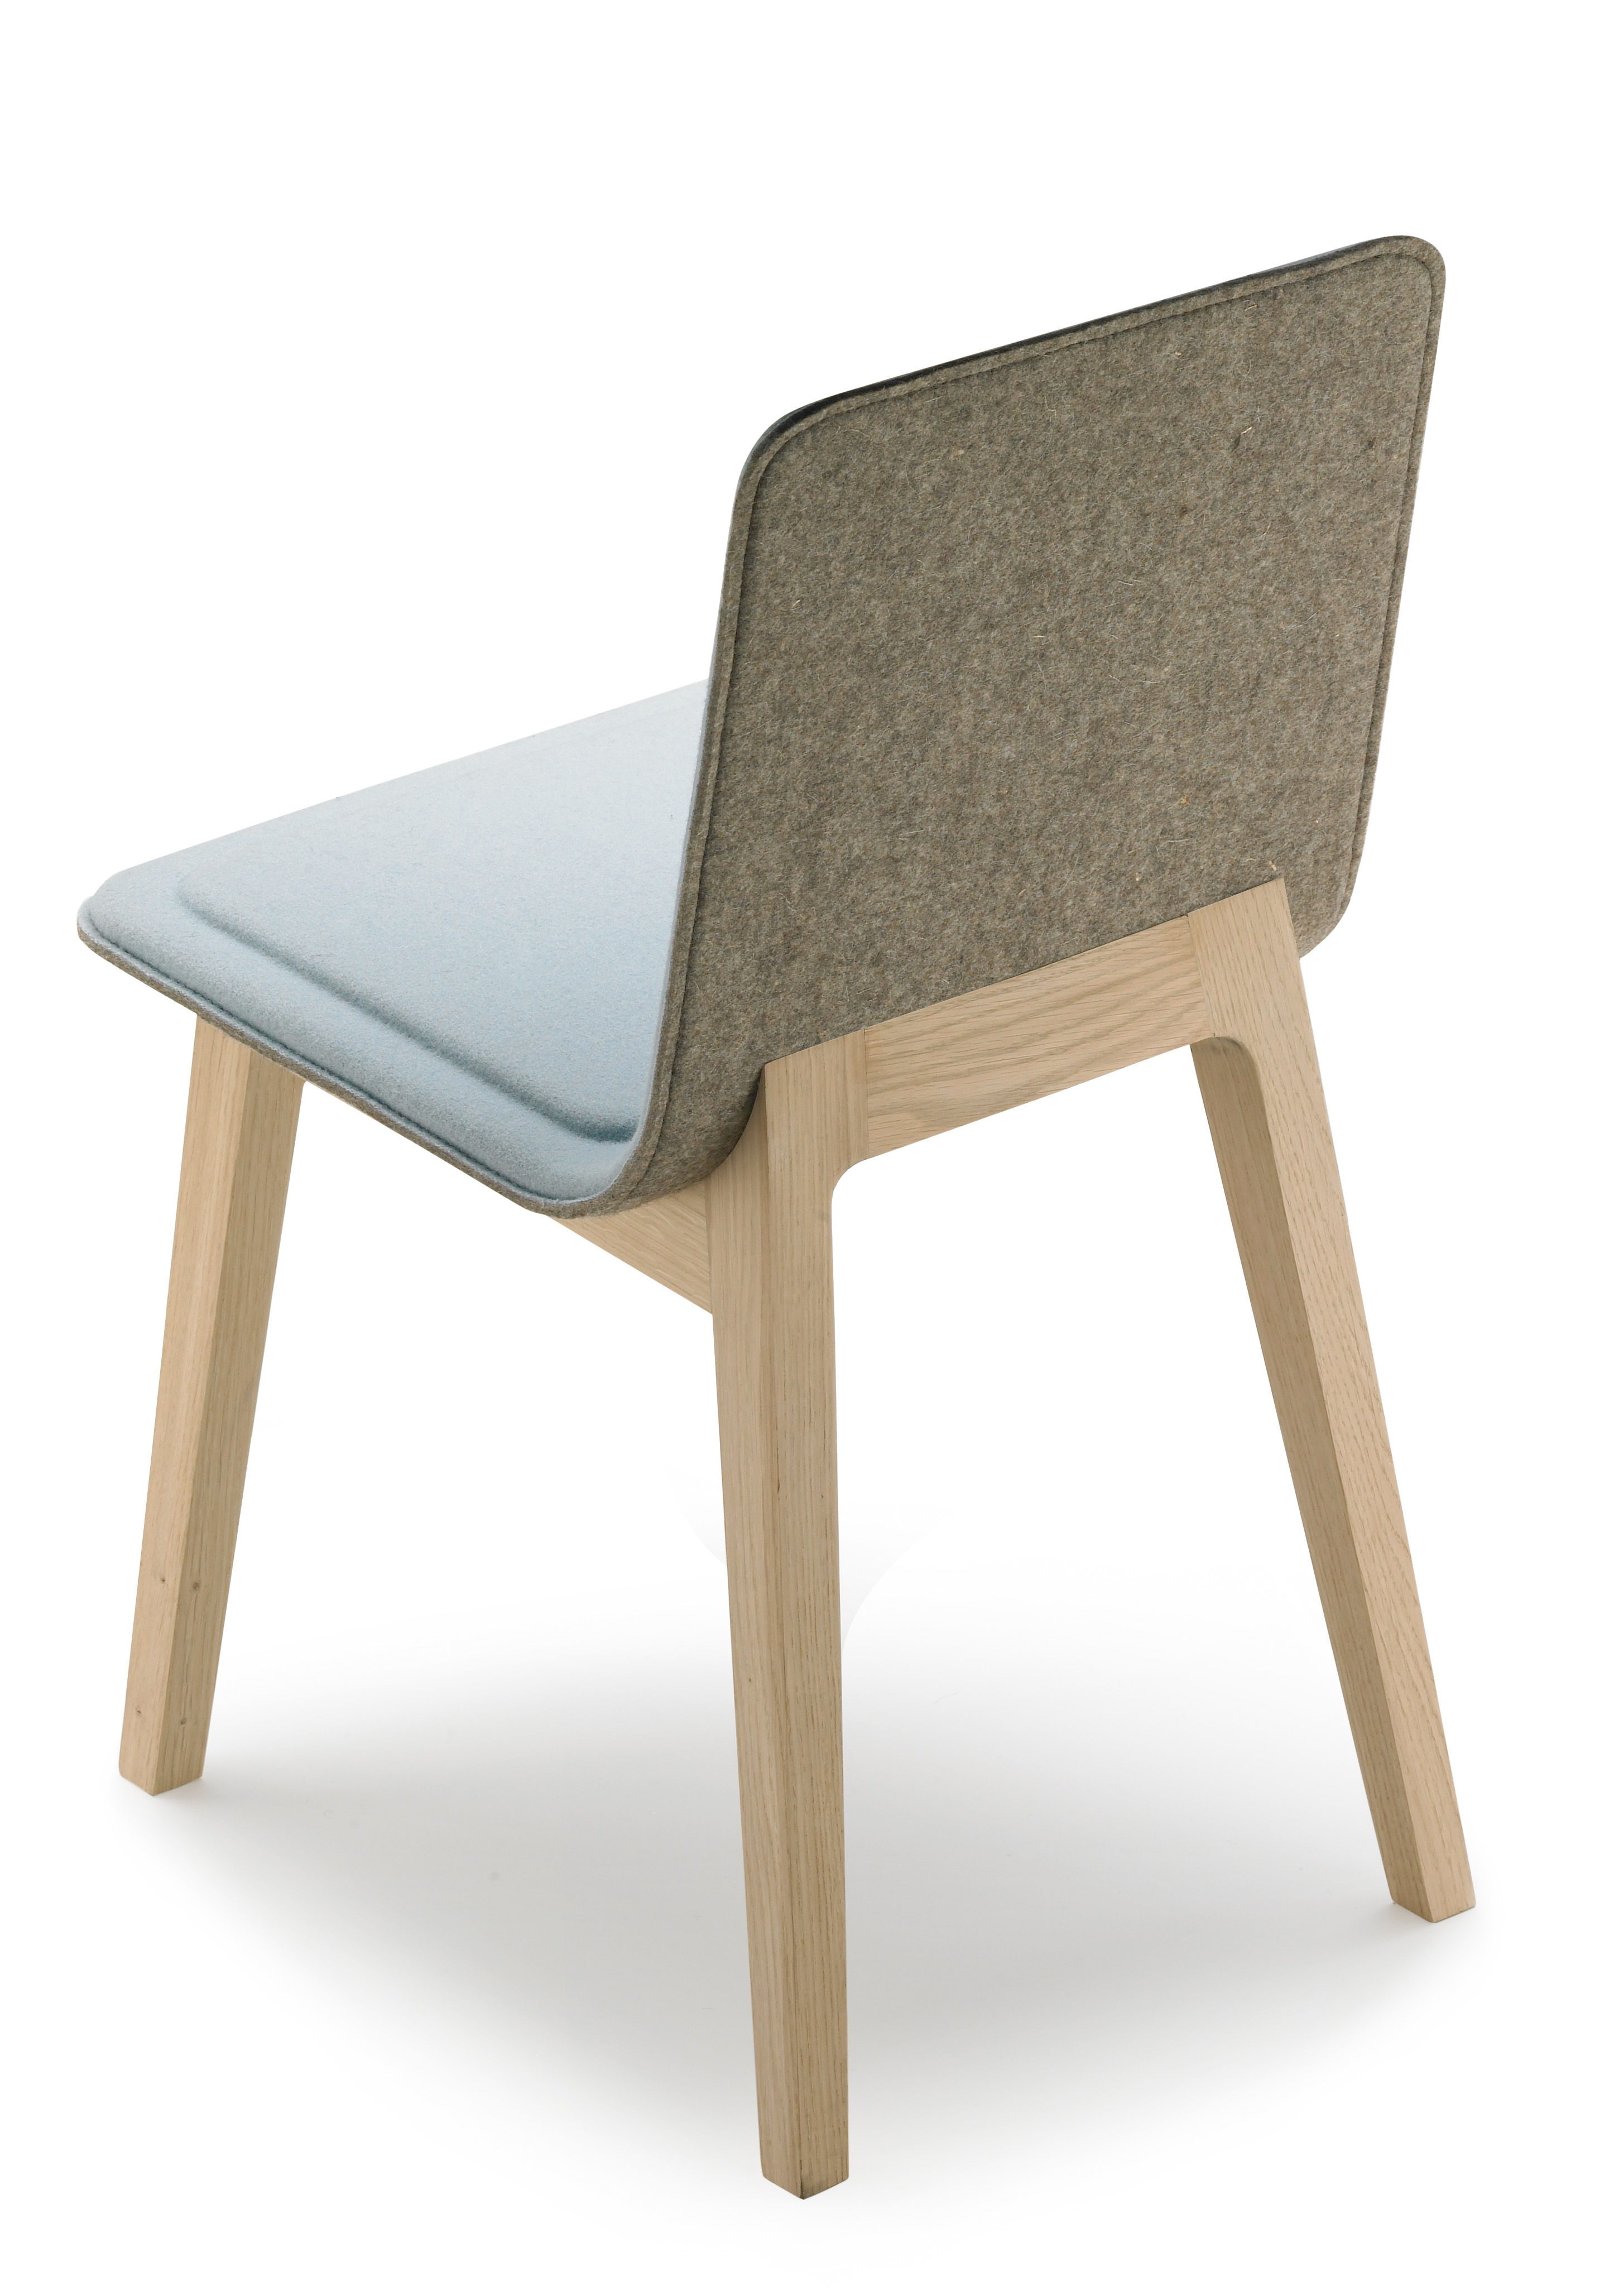 Chaise rembourr e laia feutre de laine taupe pi tement for Chaise de salle a manger rembourree